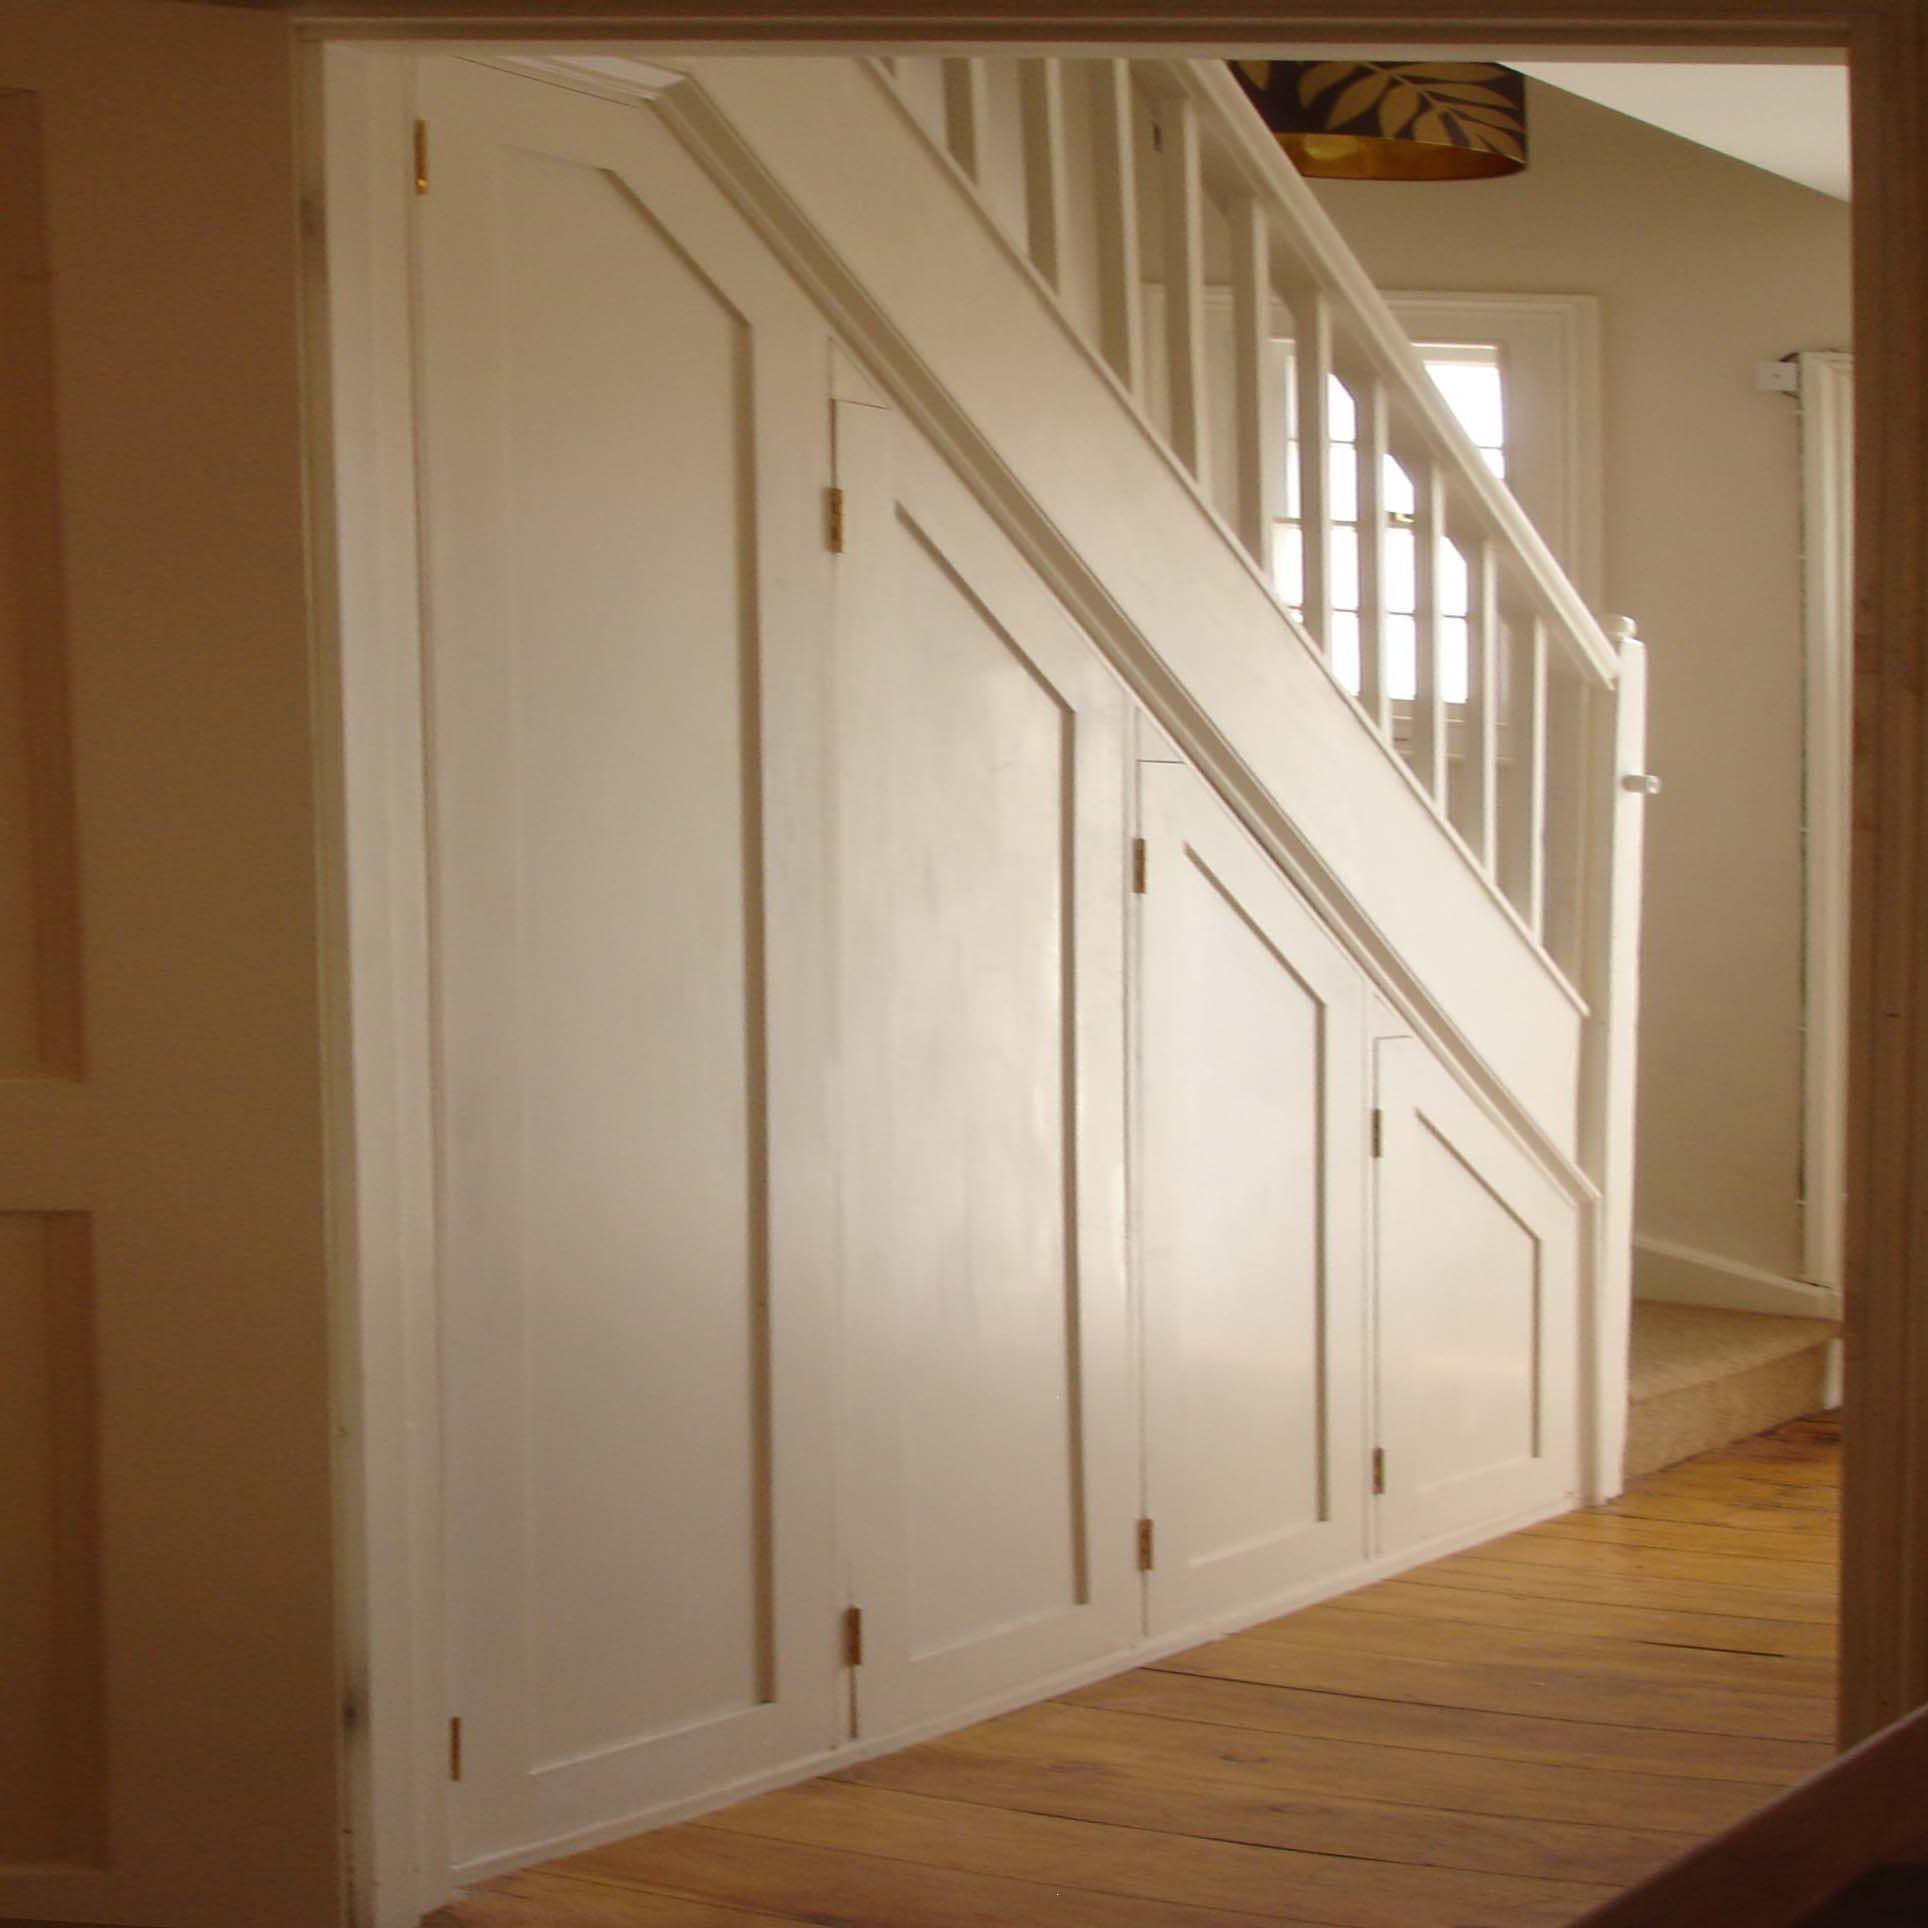 20 Smart Under Stairs Design Ideas: DIY Under Stair Storage Ideas : Home Stair Design